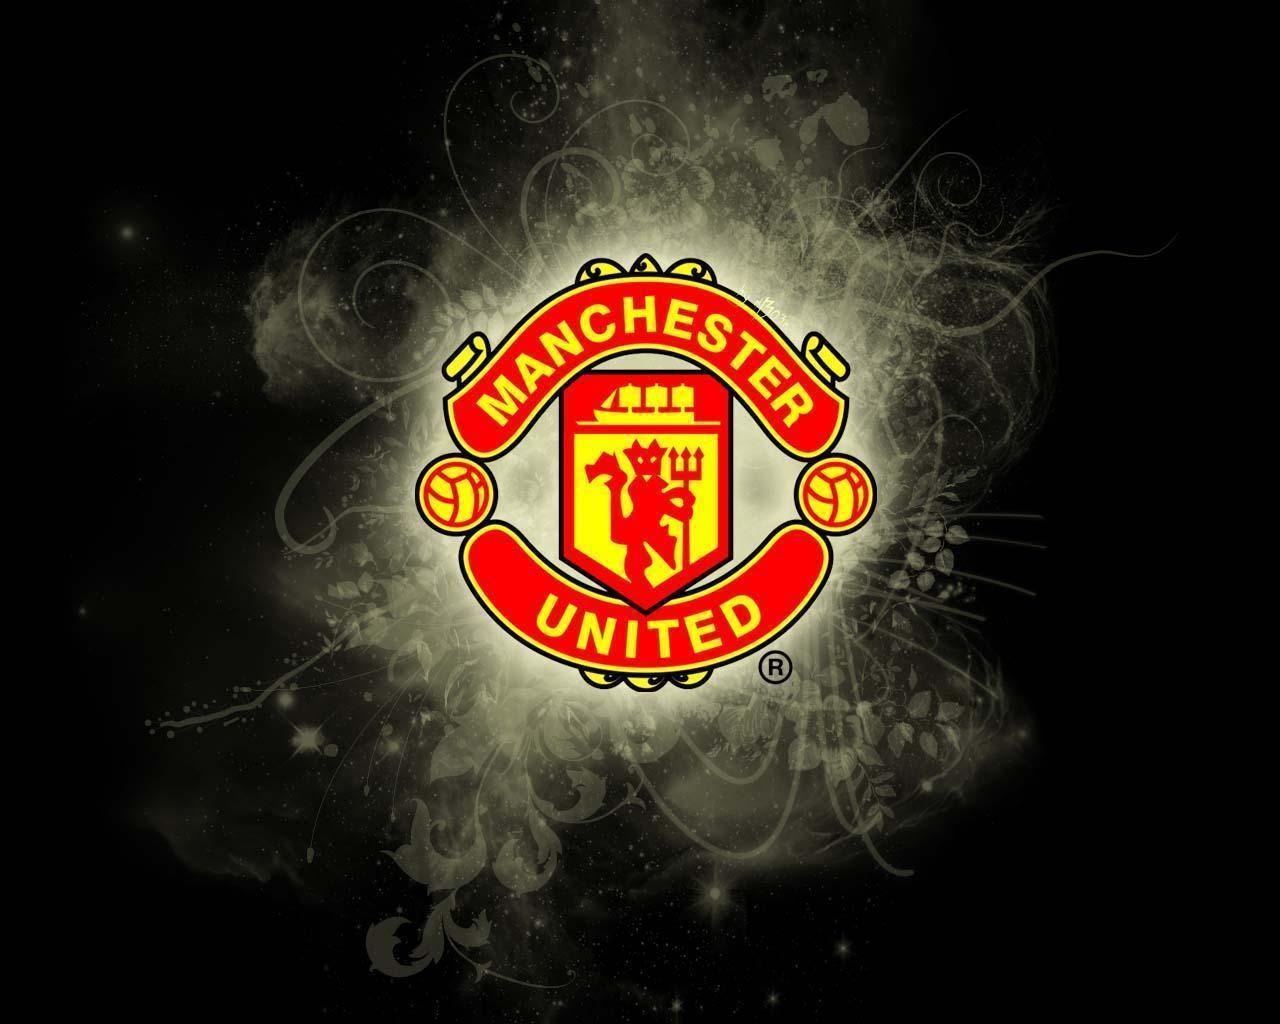 Kumpulan Wallpaper Manchester United Bergerak Terbaru